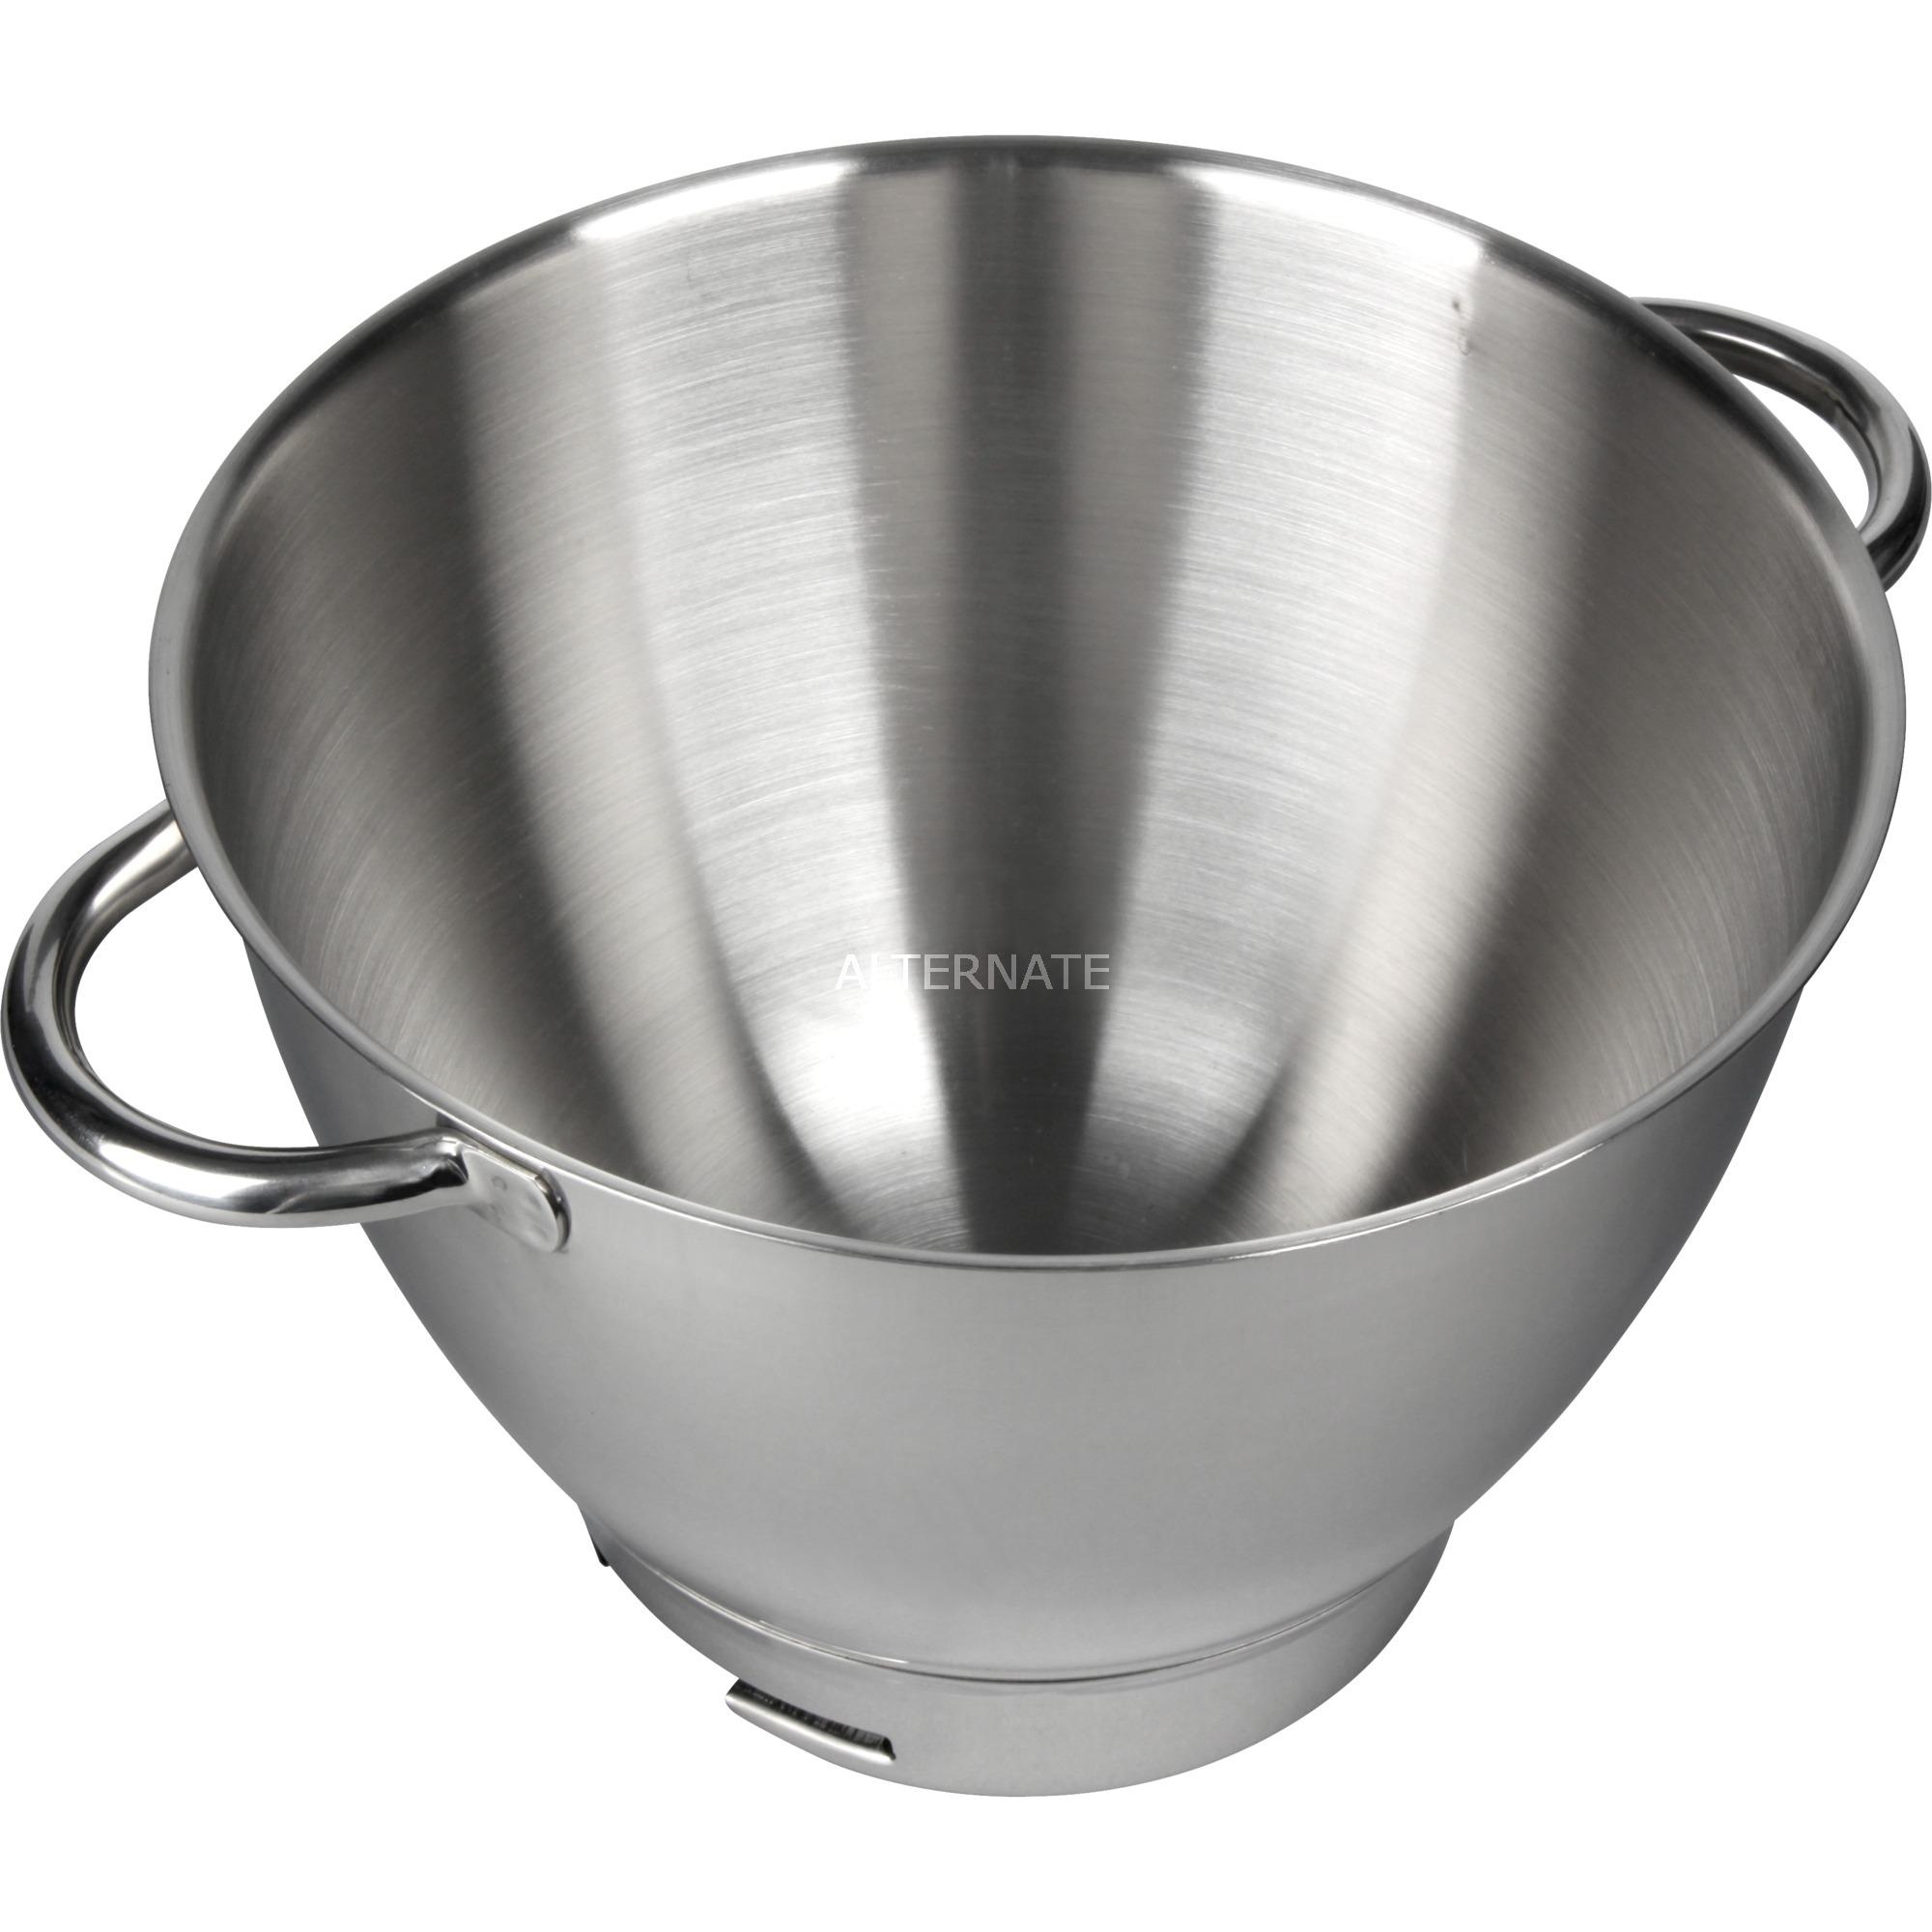 36385A batidora y accesorio para mezclar alimentos, Bol para mezclar